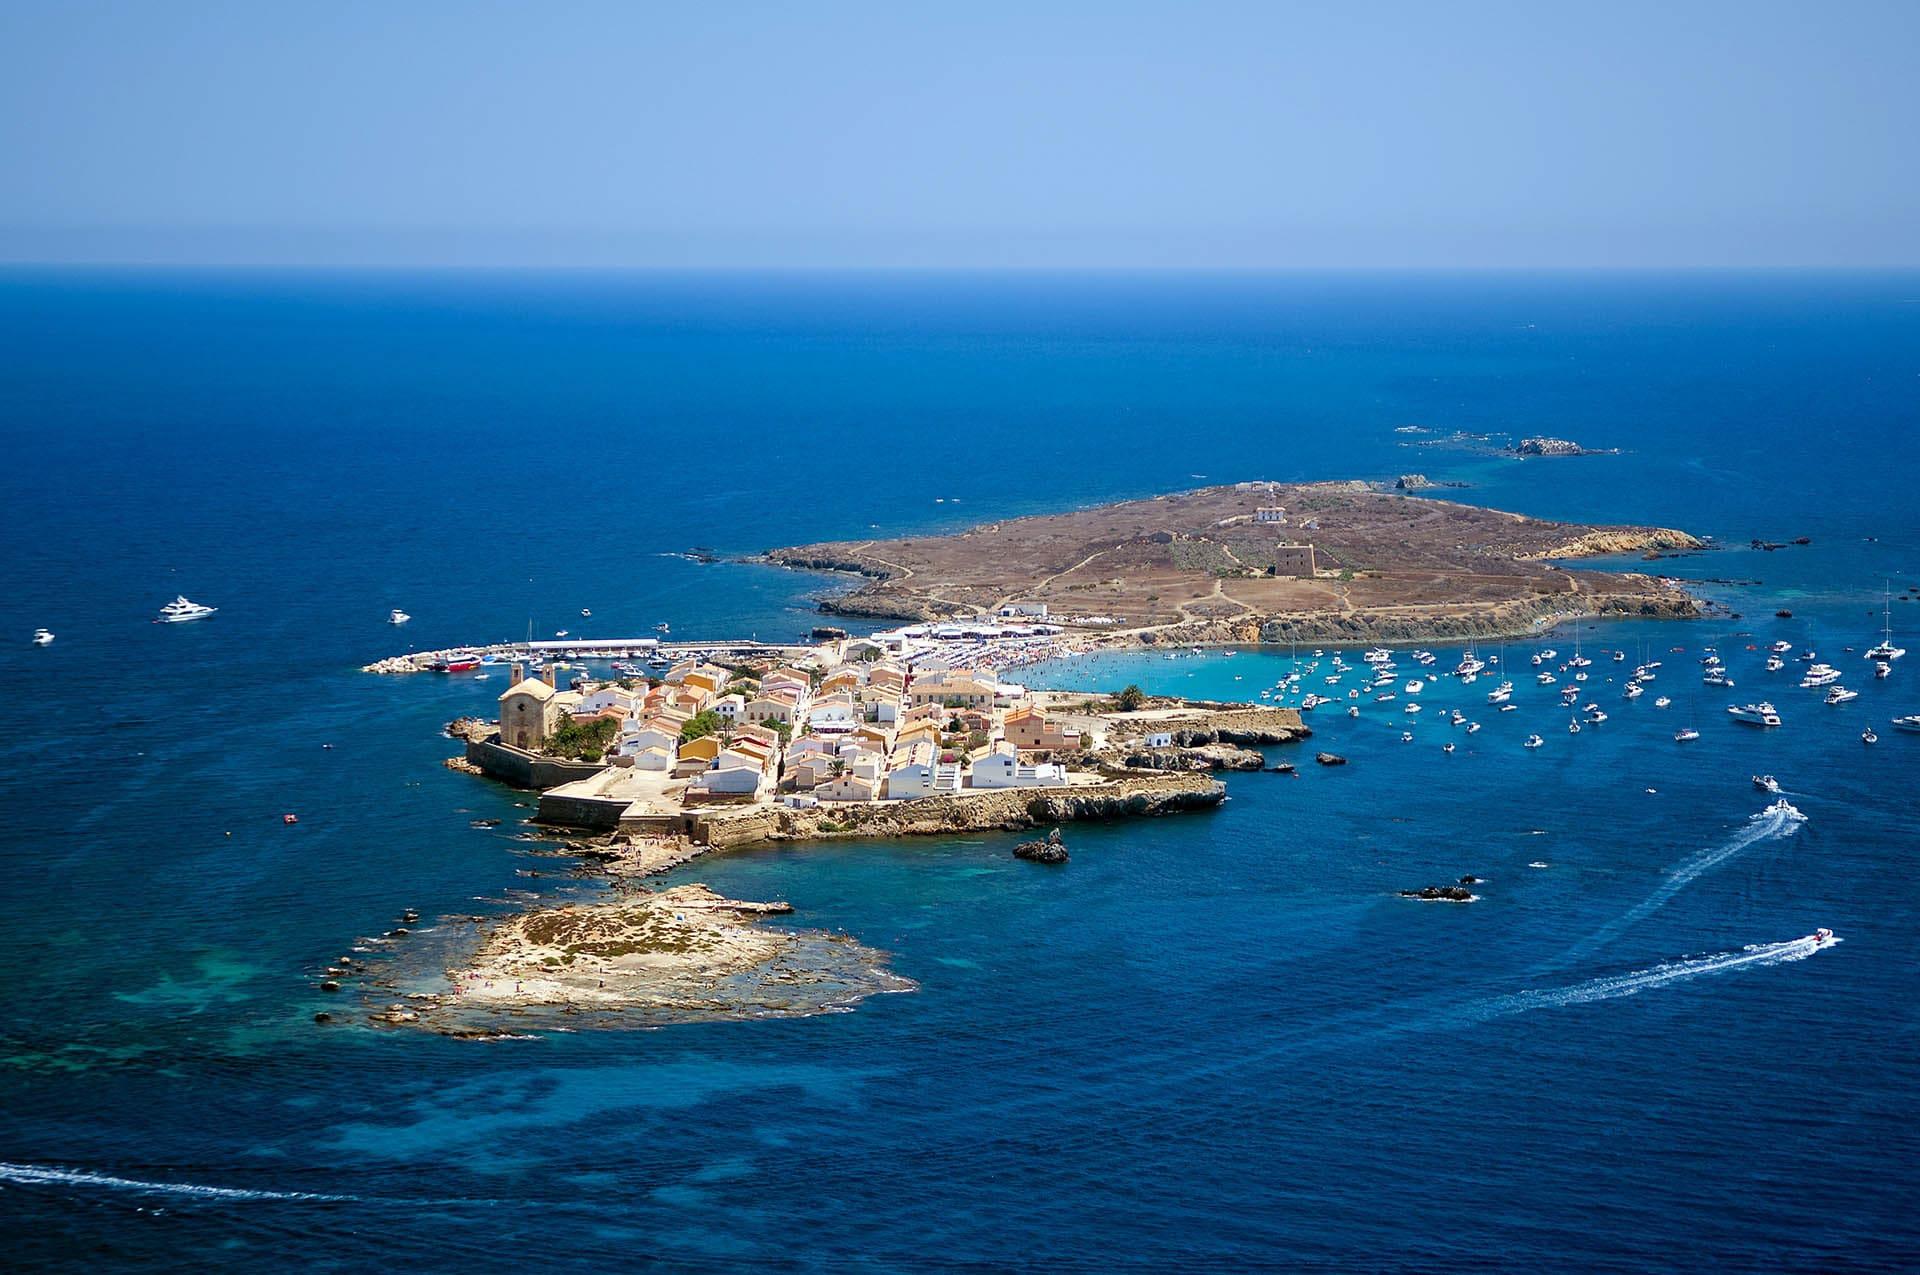 Visita illa de Tabarca